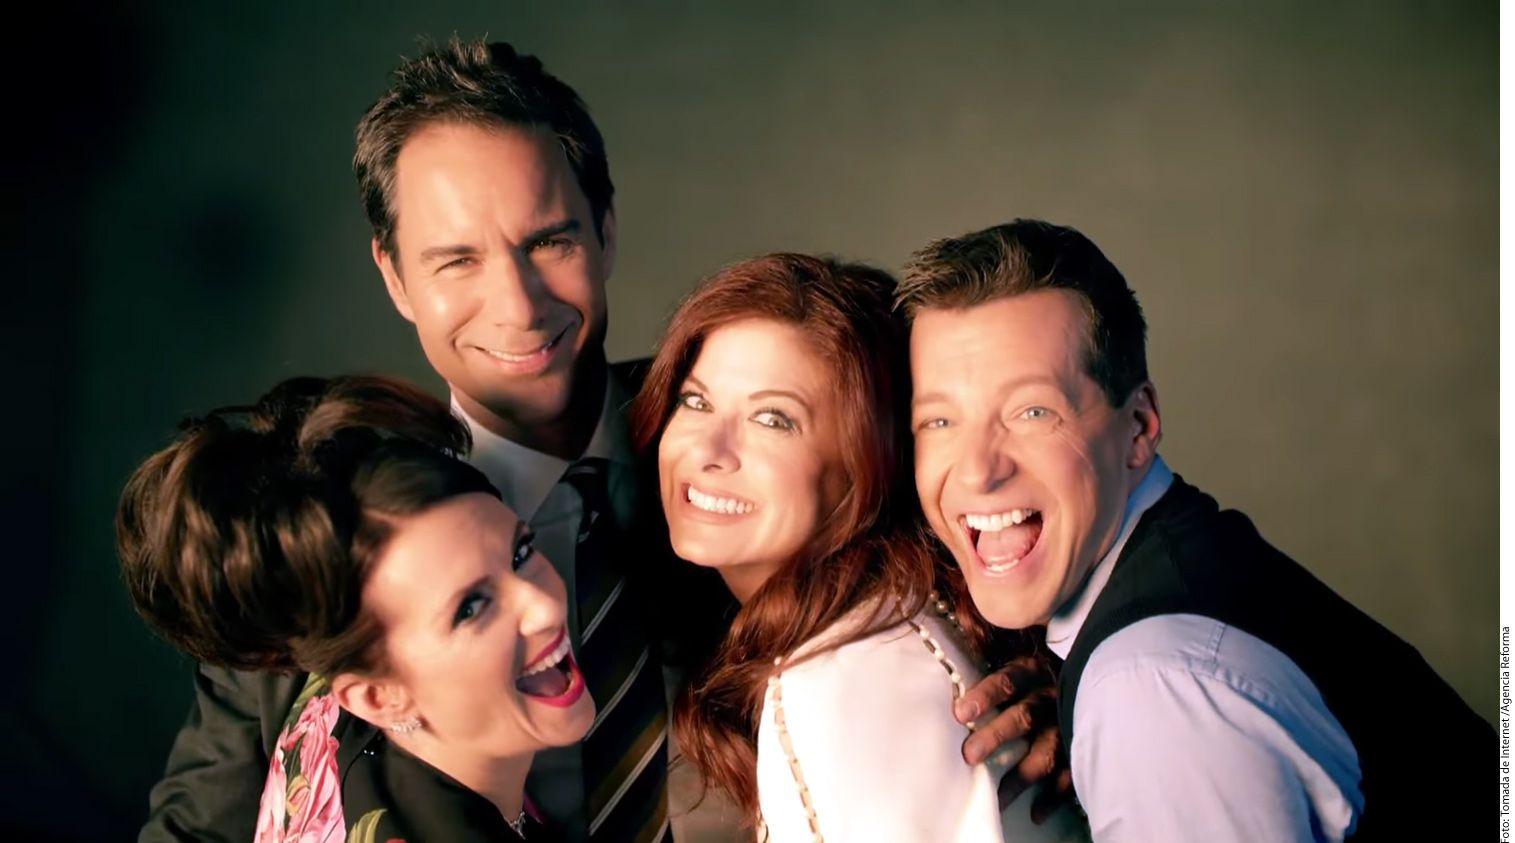 La cadena NBC dio a conocer ayer el primer promo oficial de la nueva versión de la serie Will & Grace, que se estrenará el 28 de septiembre./ AGENCIA REFORMA